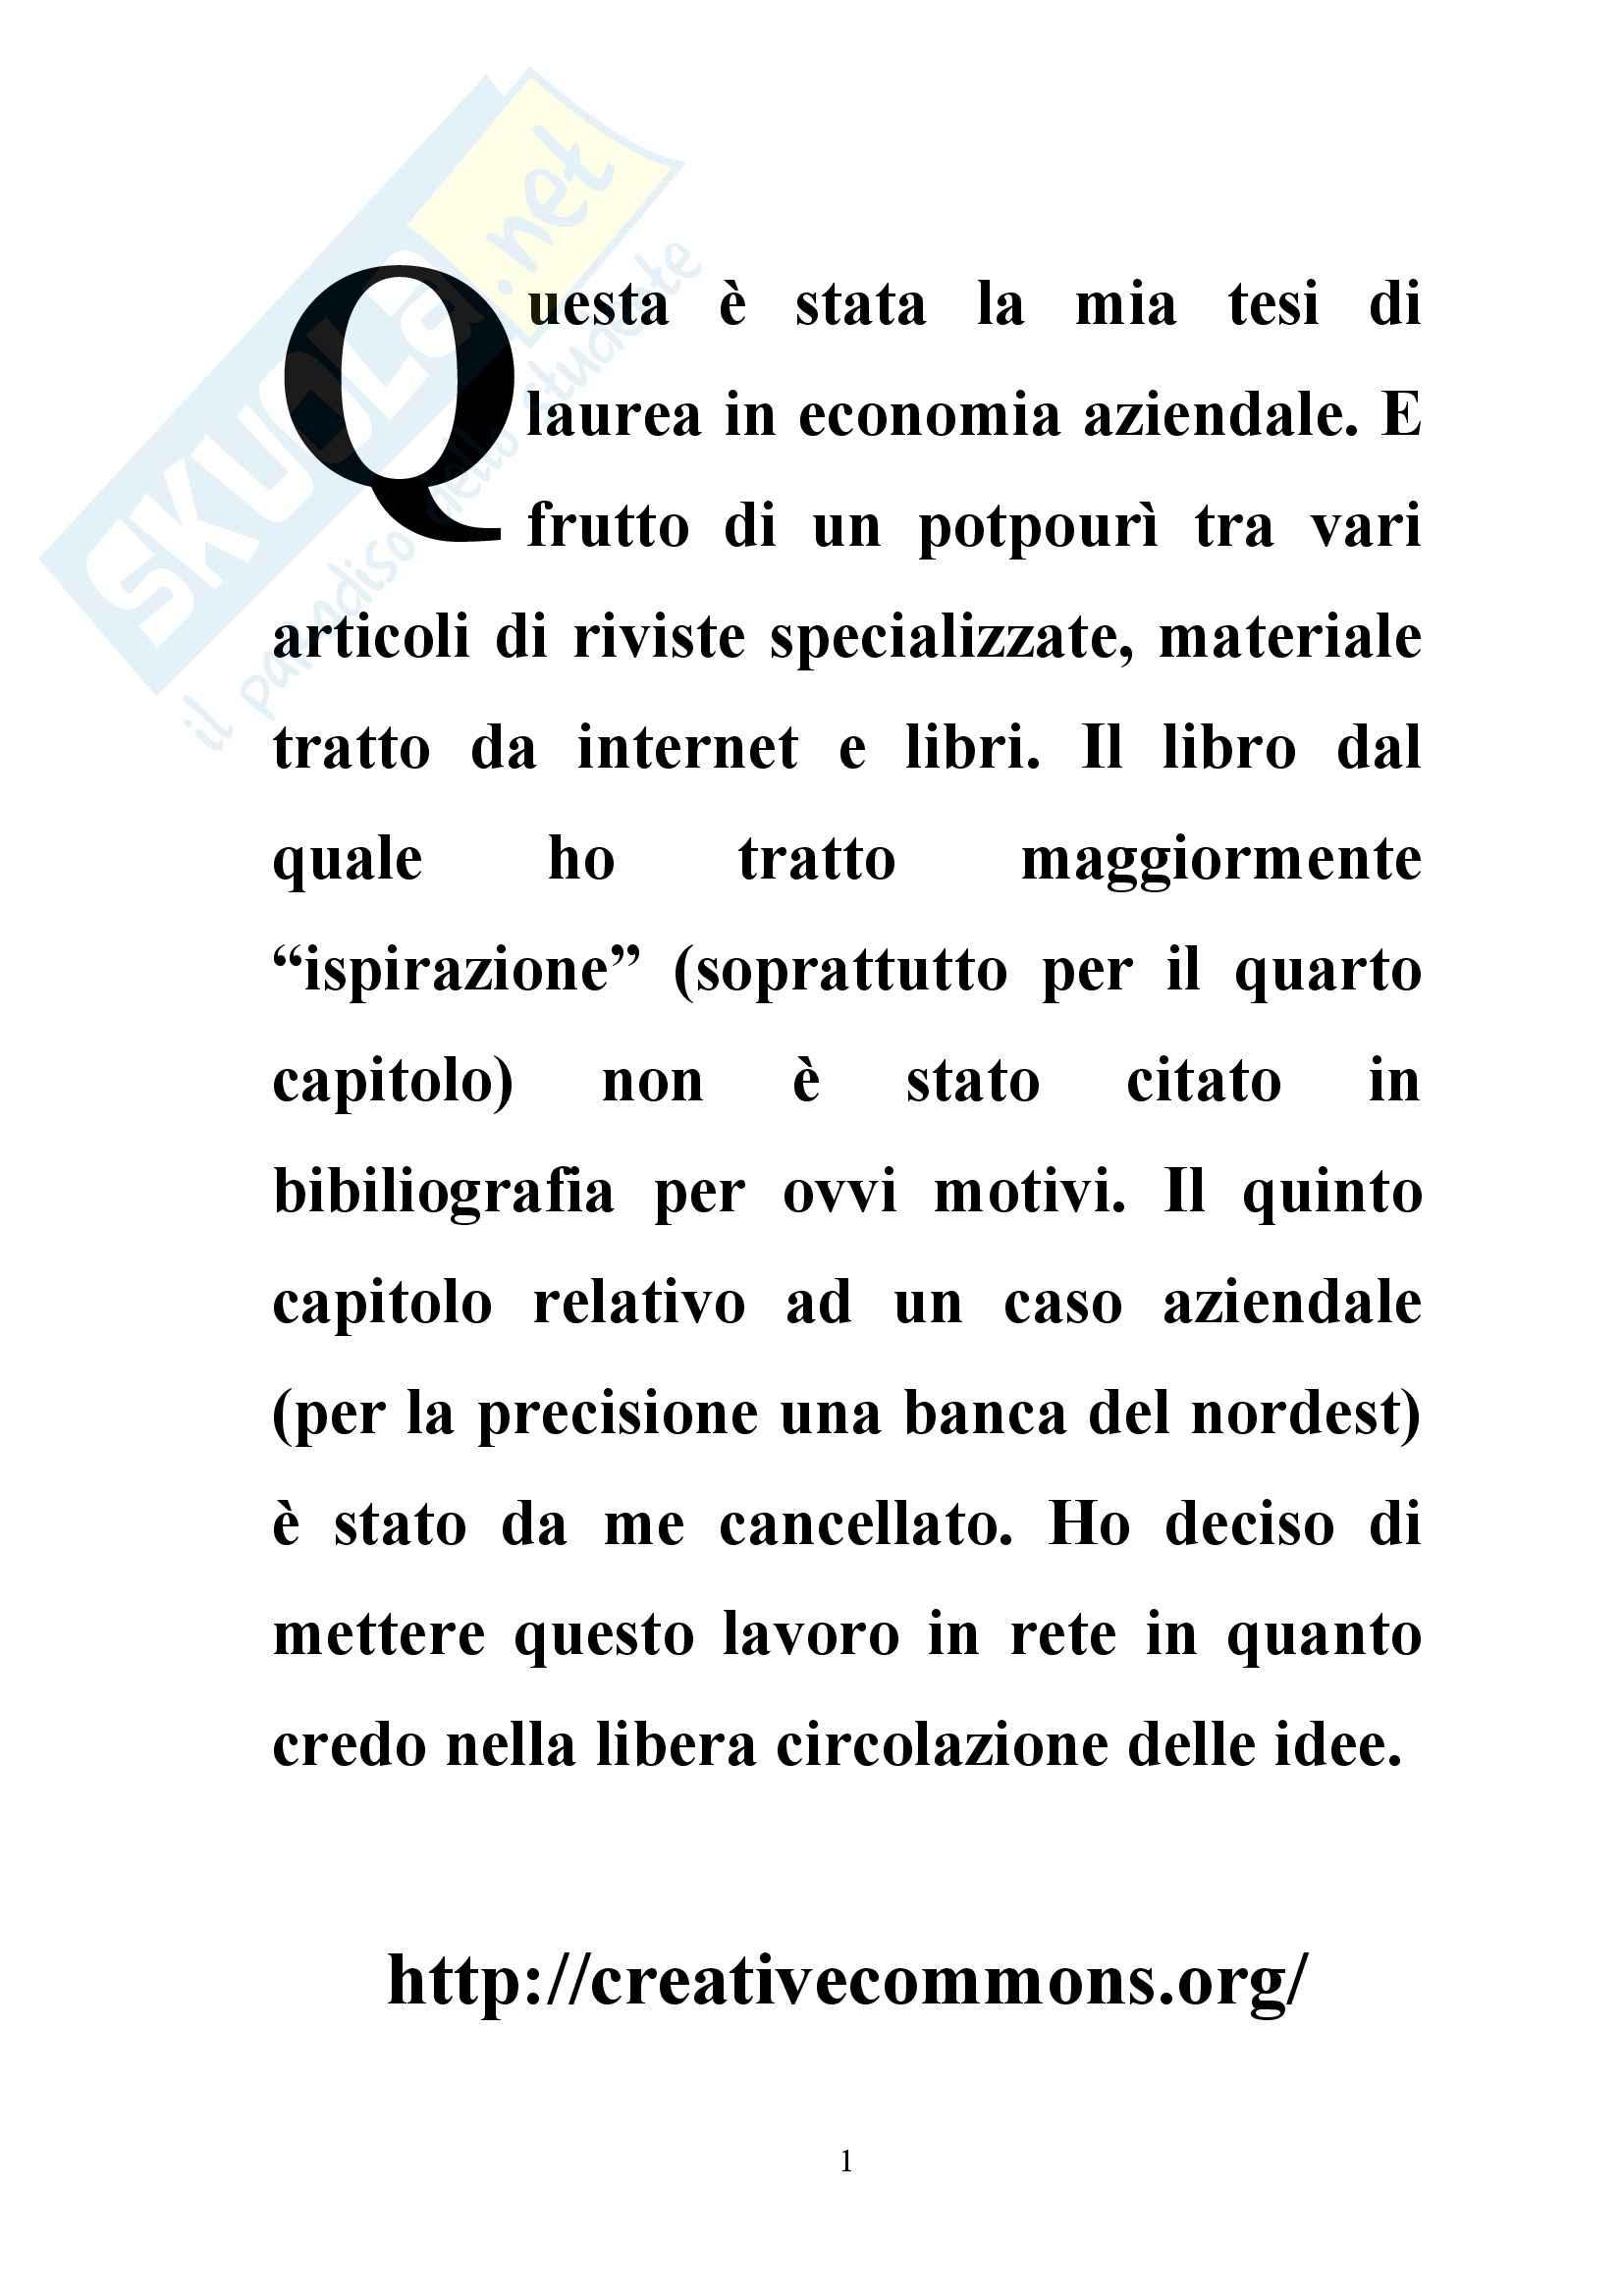 appunto P. Chirulli Outsourcing strategico